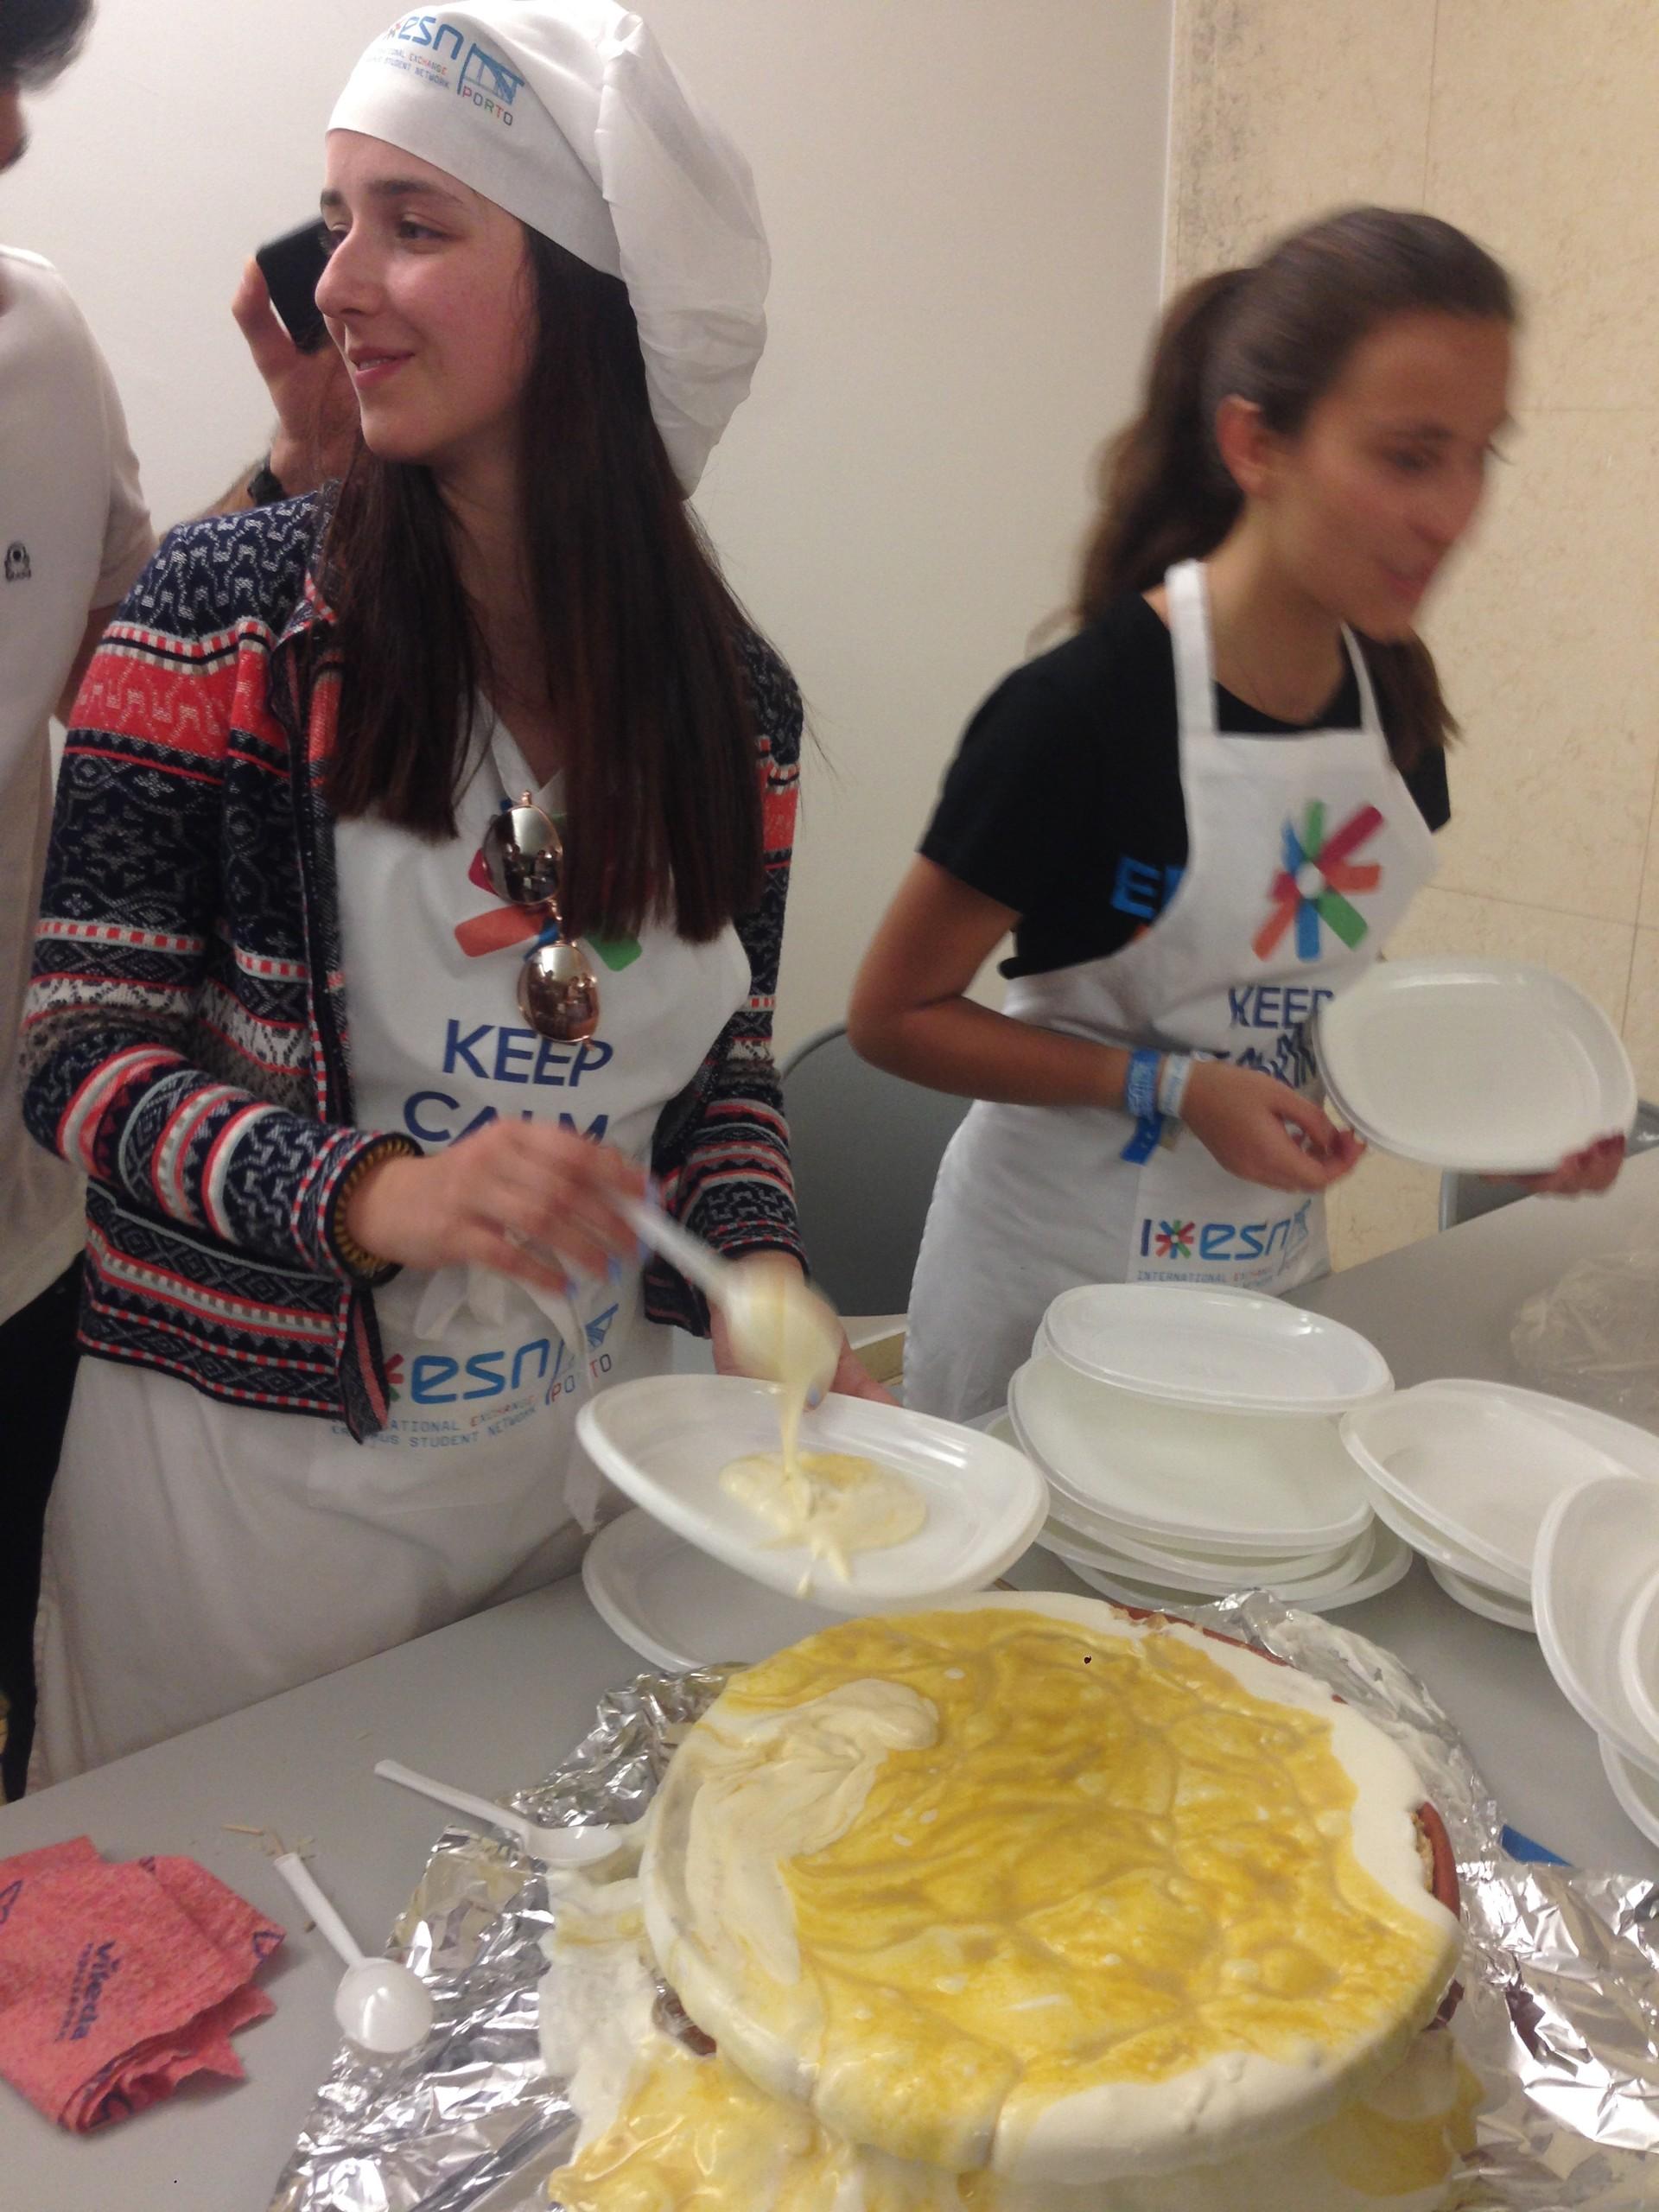 workshop-cucina-portoghese-esn-79989a86e